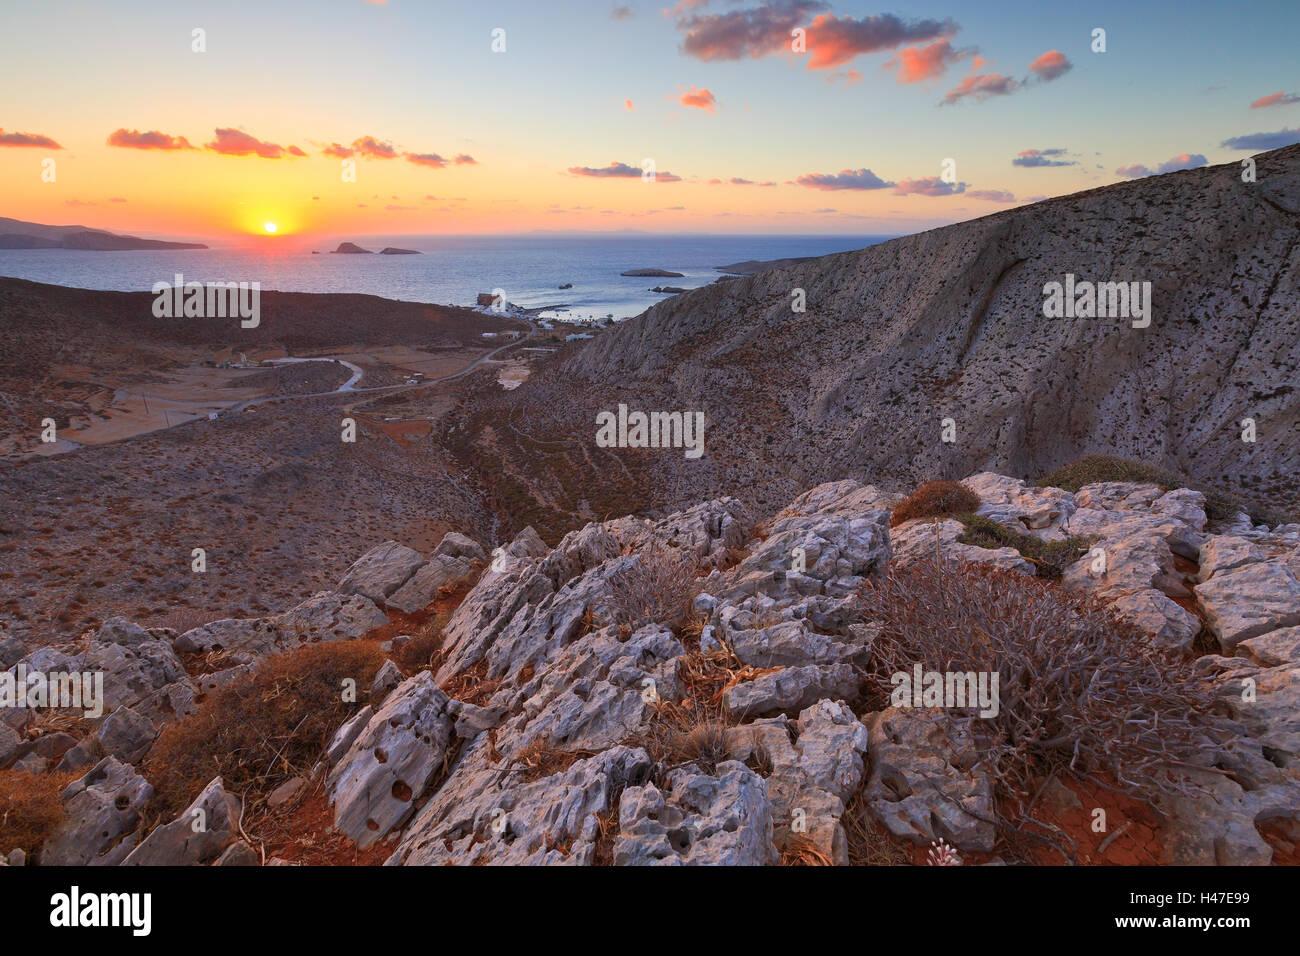 Vista de Karavostasis village desde una montaña cercana. Foto de stock